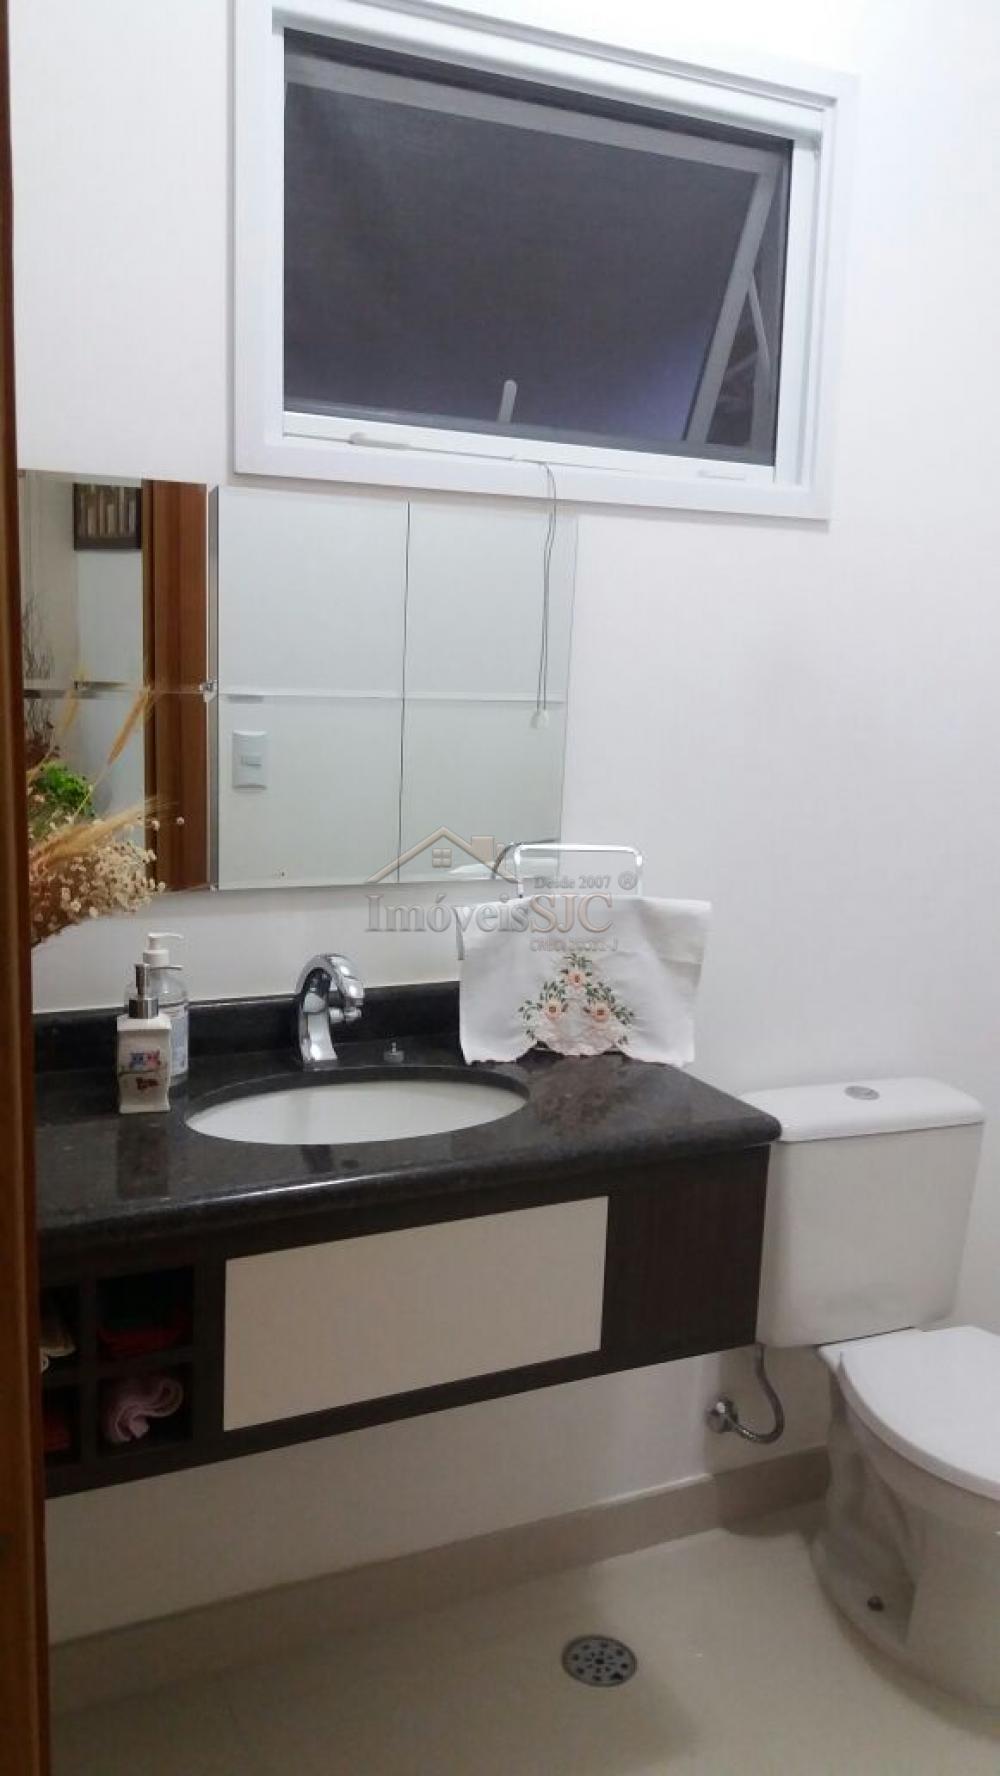 Comprar Casas / Condomínio em Caçapava apenas R$ 530.000,00 - Foto 6